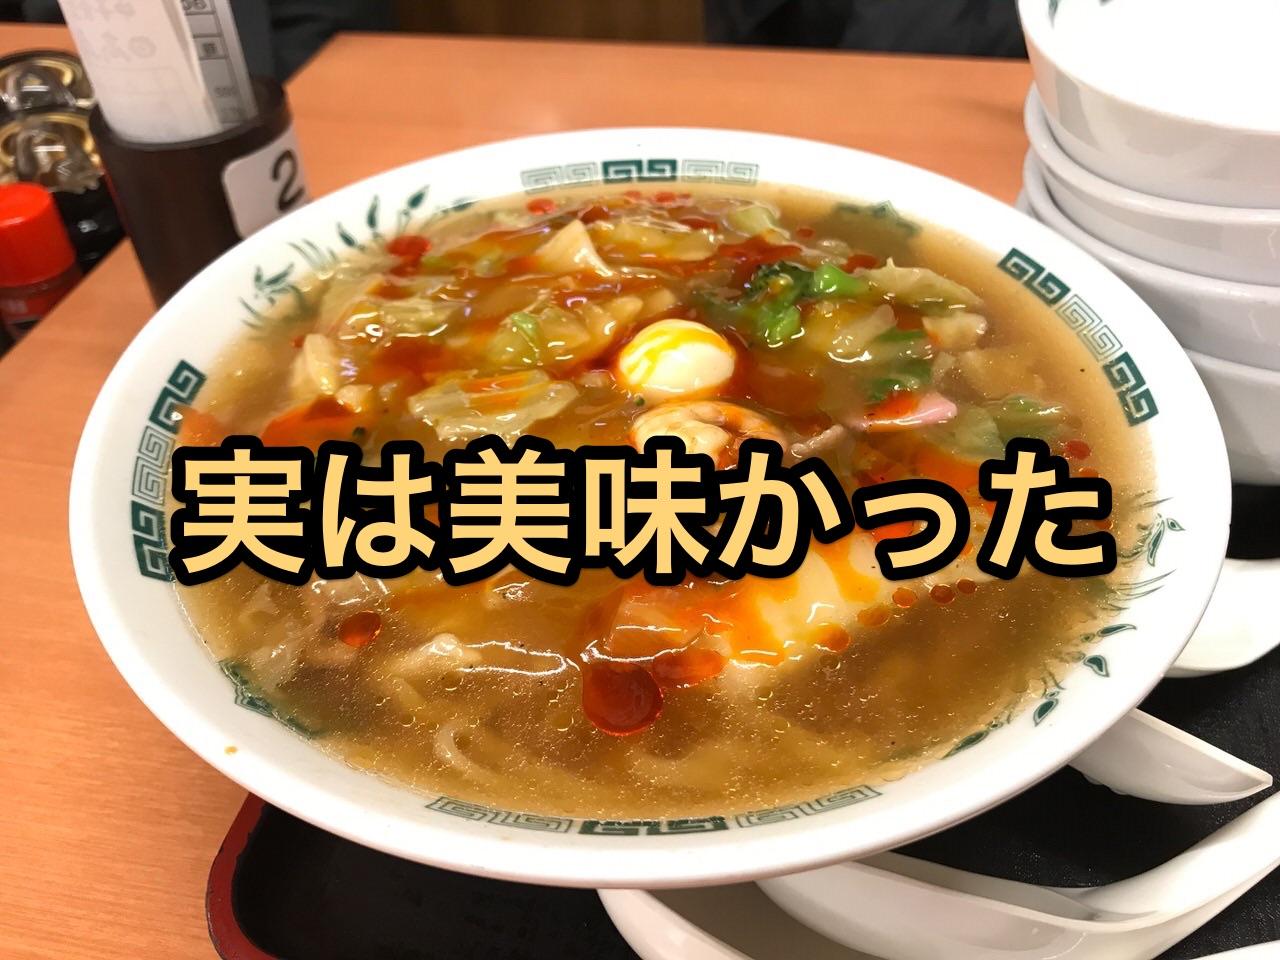 【日高屋】「五目あんかけラーメン」が美味かったことが判明